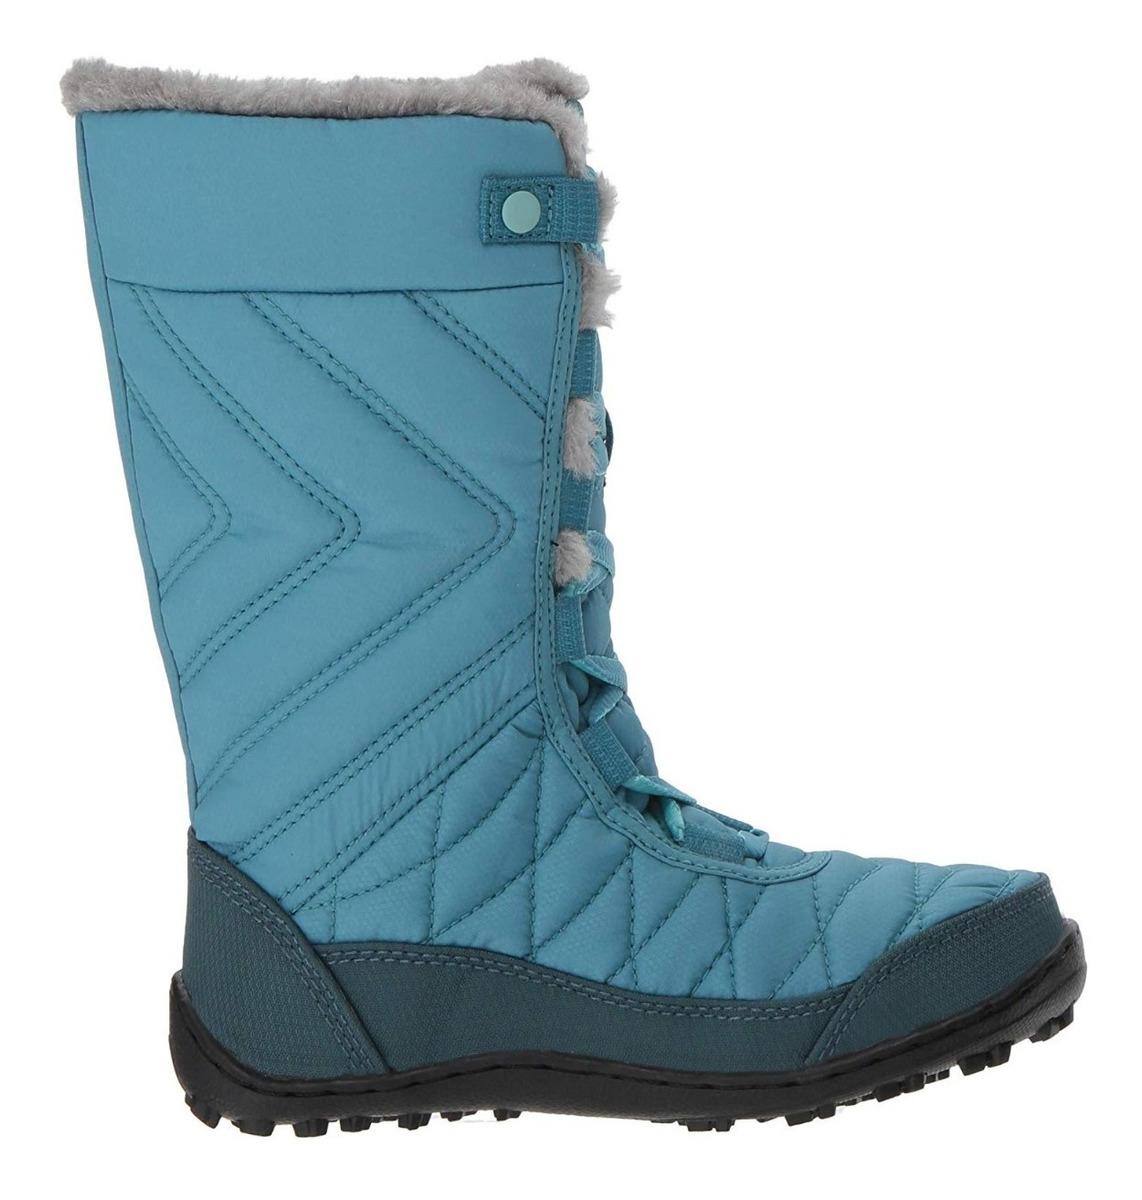 Botas Para Nieve Frio Intenso Dama Columbia Envío Inmediato